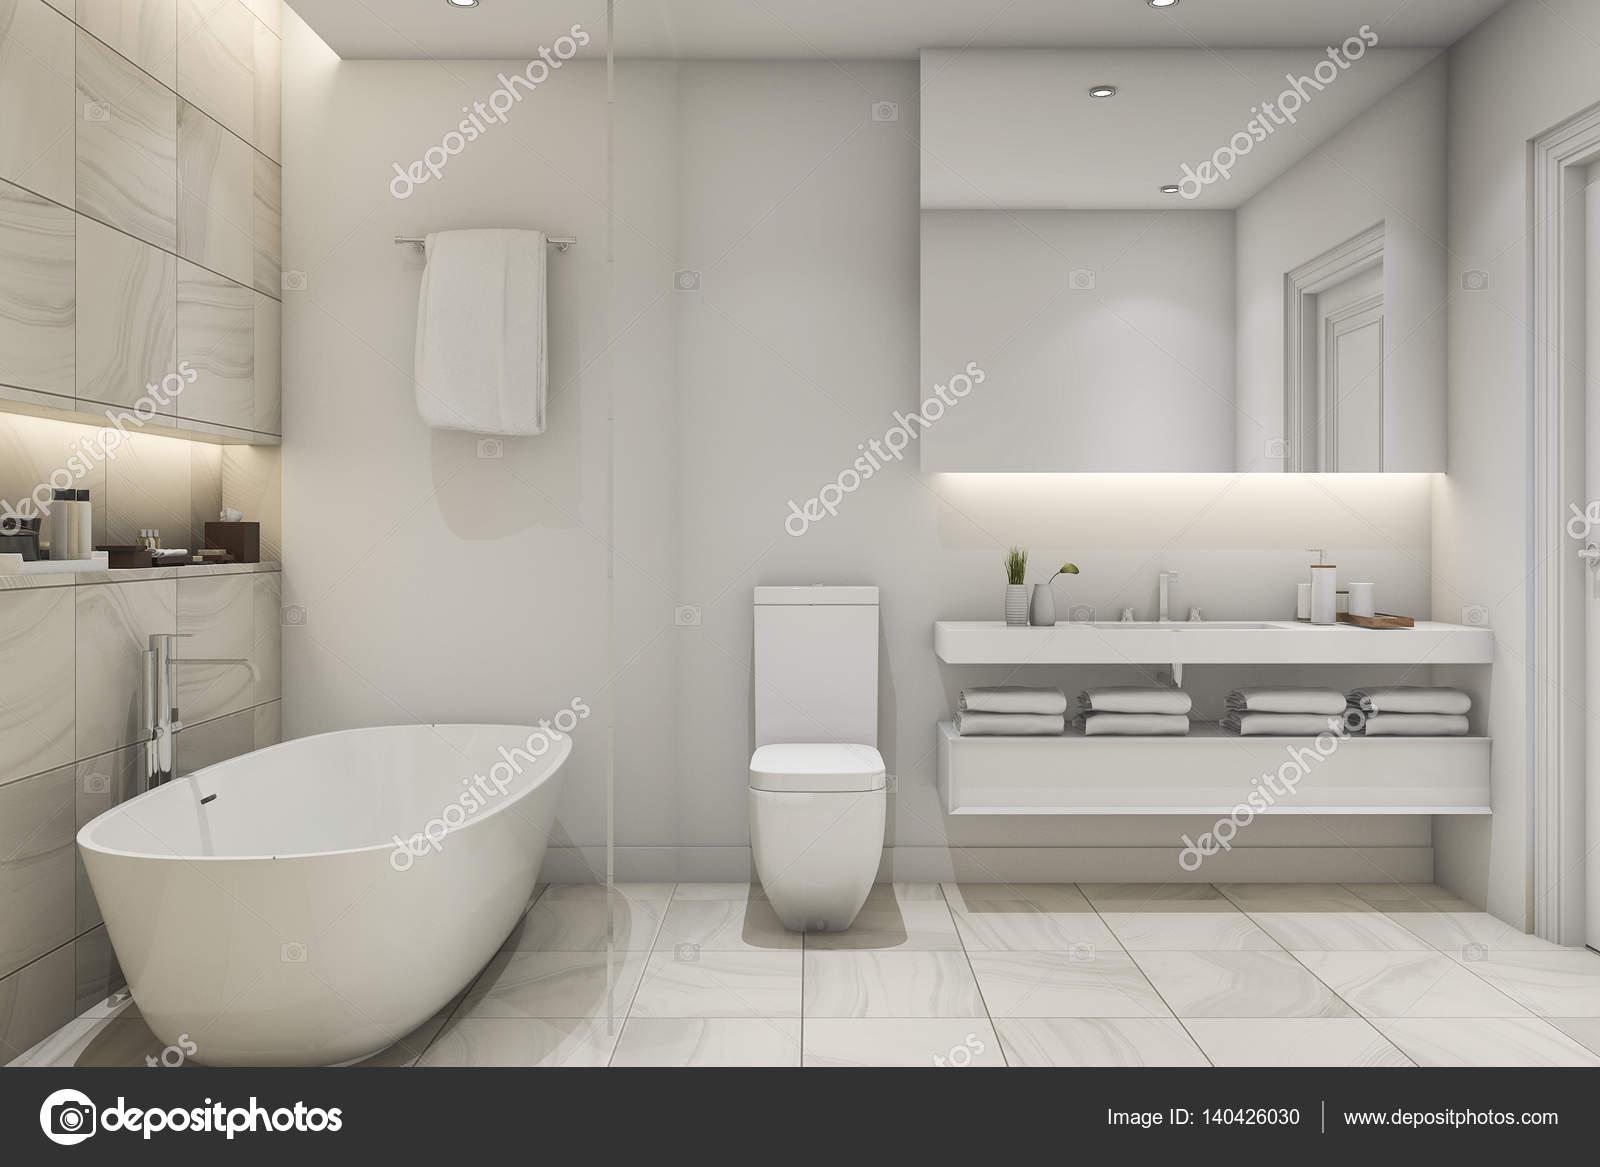 Bianco di rendering 3d piastrelle da bagno in marmo di lusso u2014 foto